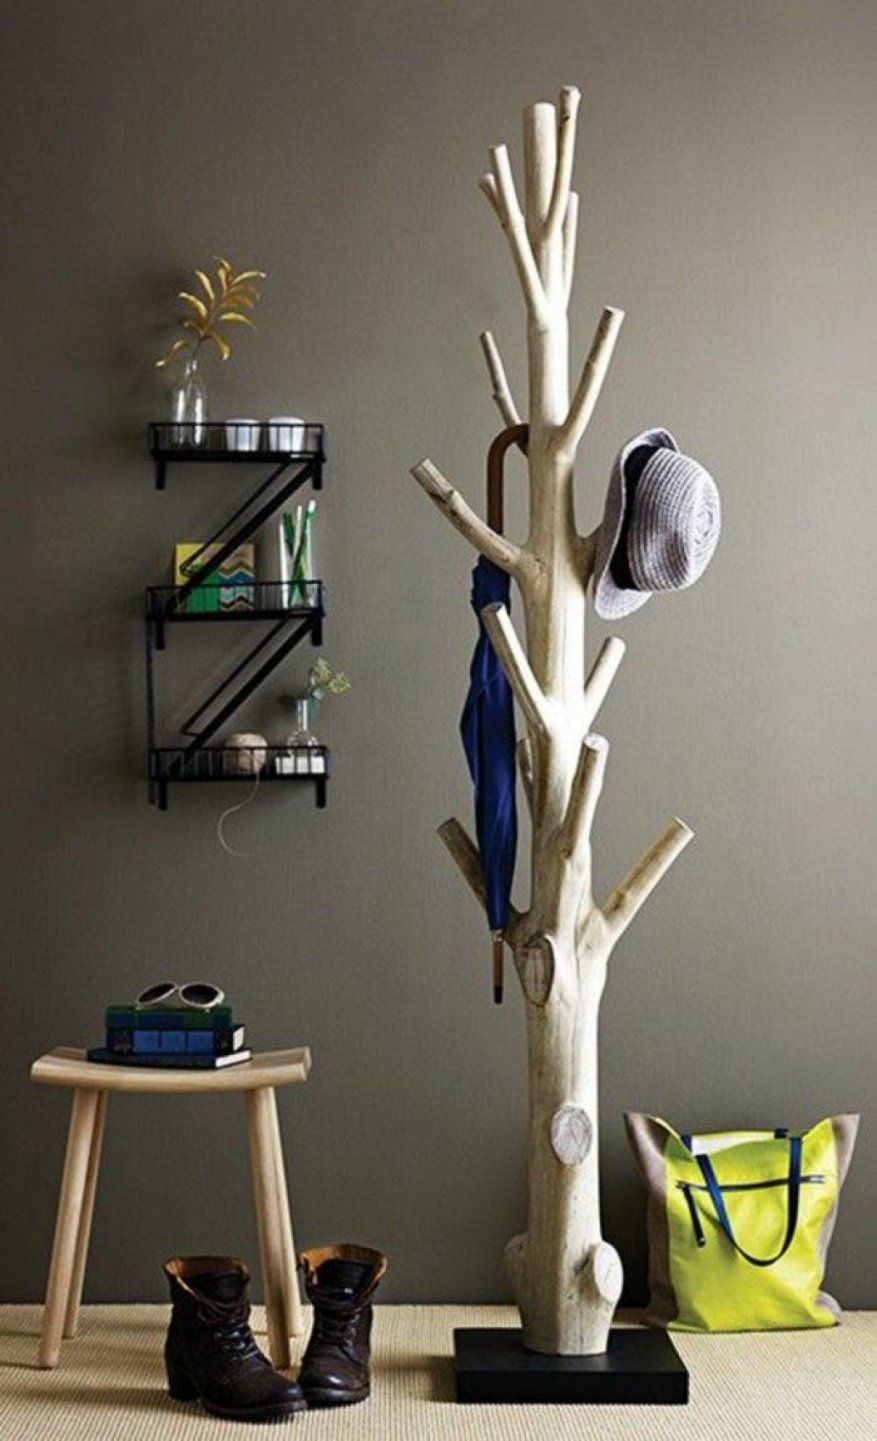 Erstaunlich Garderobe Baum Selber Bauen Garderobe Holzstamm Swalif von Garderobe Baum Selber Bauen Photo